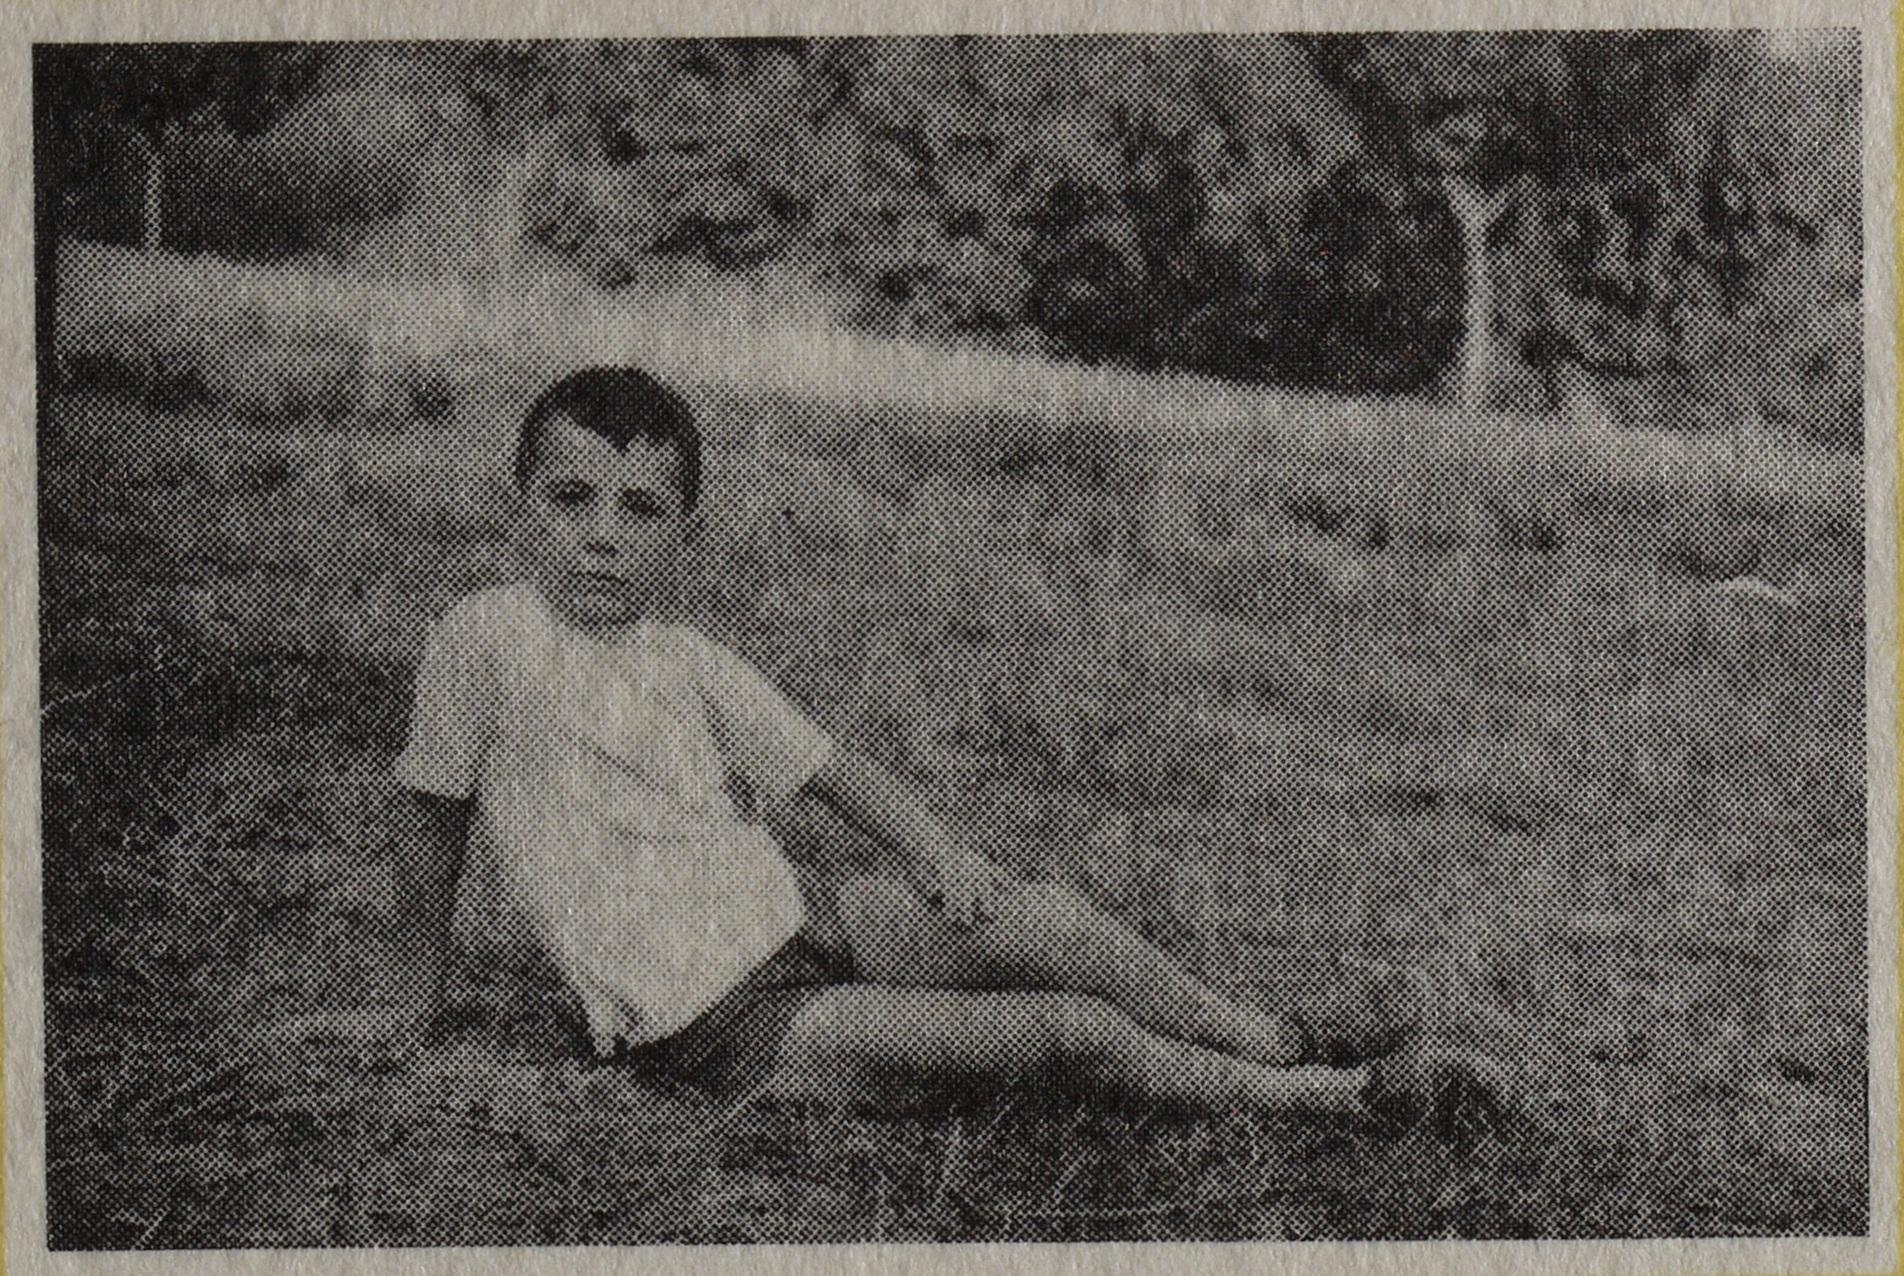 Bruno Ceccobelli. Il Trucco e l'anima*